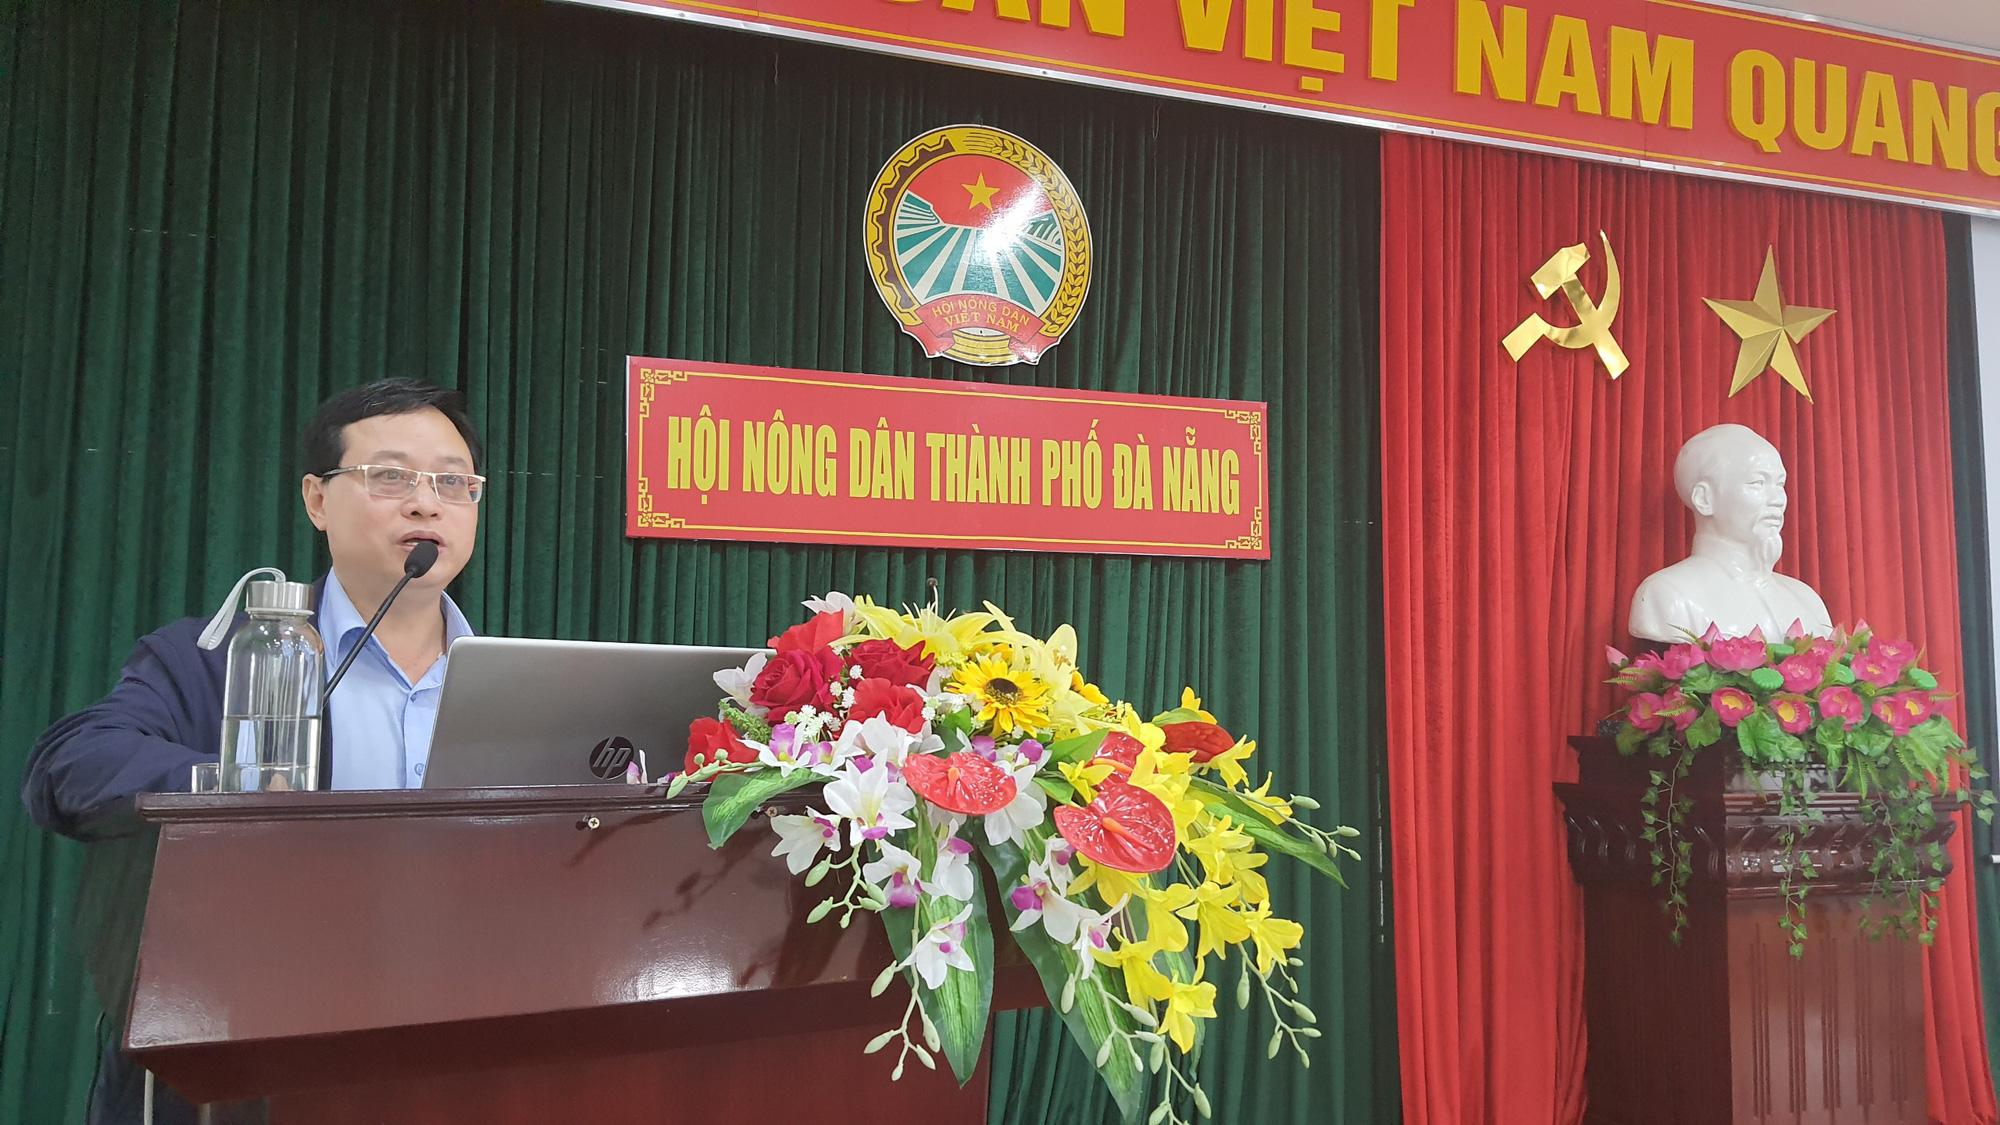 Hội Nông dân Đà Nẵng: Tổ chức triển khai Hội nghị tập huấn tuyên truyền, phổ biến pháp luật về bầu cử  - Ảnh 3.